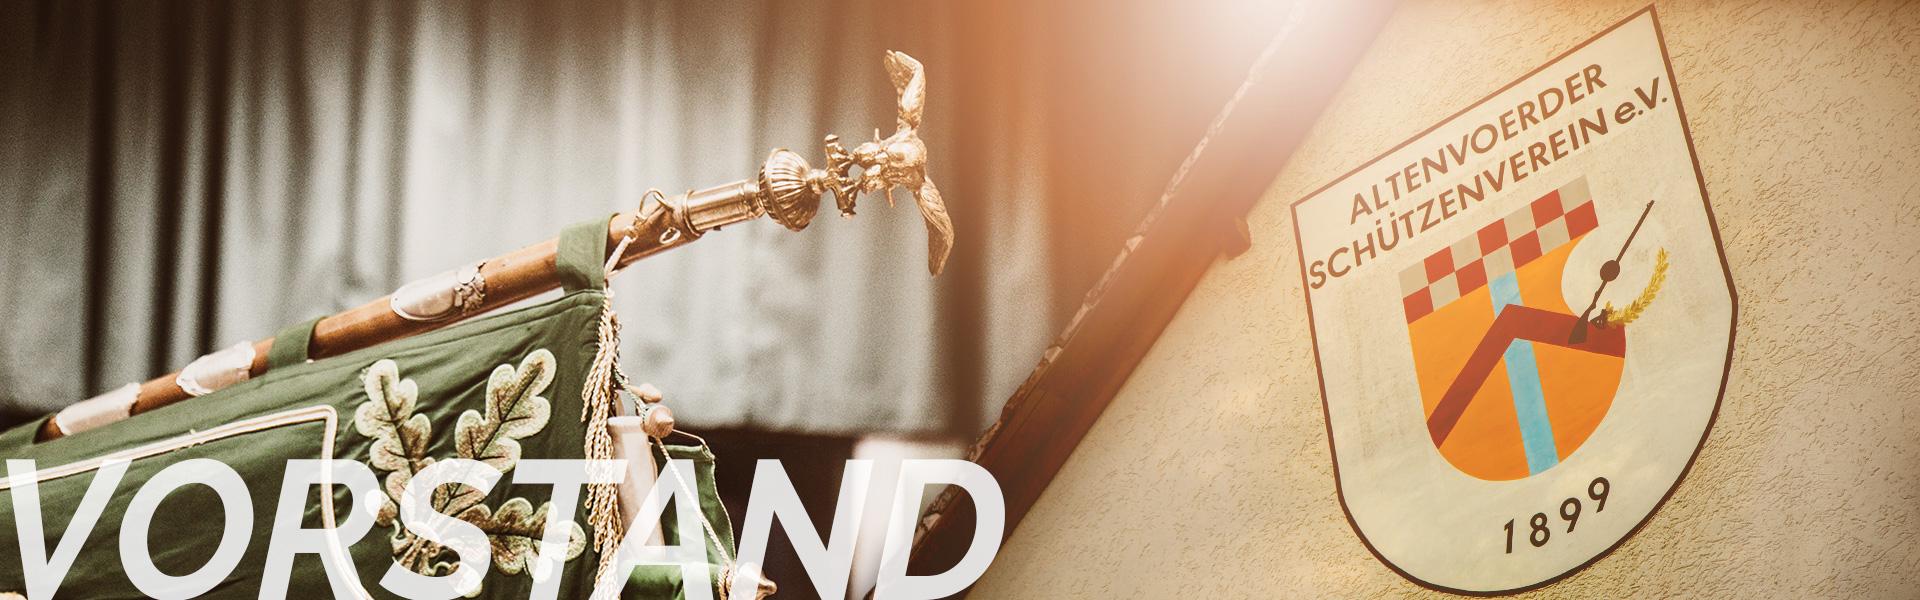 Titelbild für den Vorstand des Altenvoerder Schützenvereins